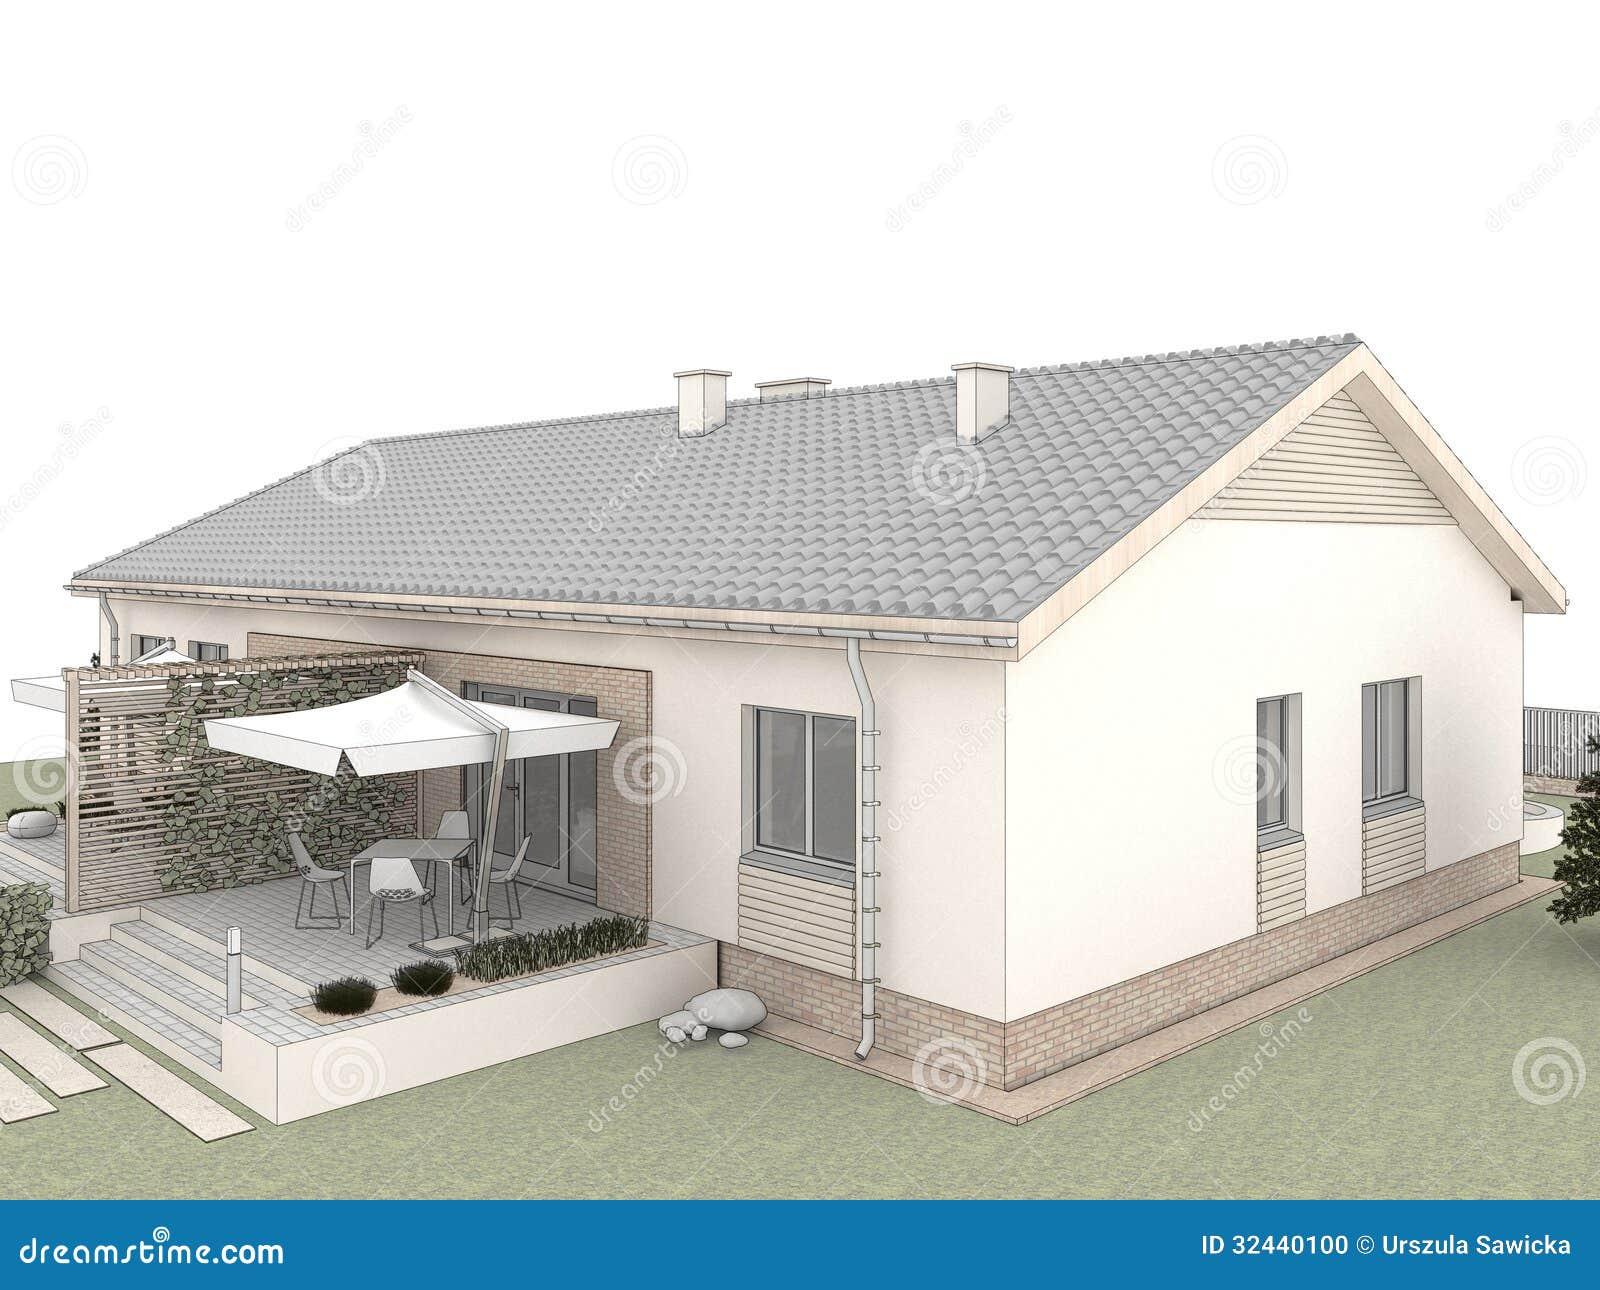 ... Superb Maison Jardin Et Terrasse 3D #11: Maison Jardin Et Terrasse 3d :  Arri ...